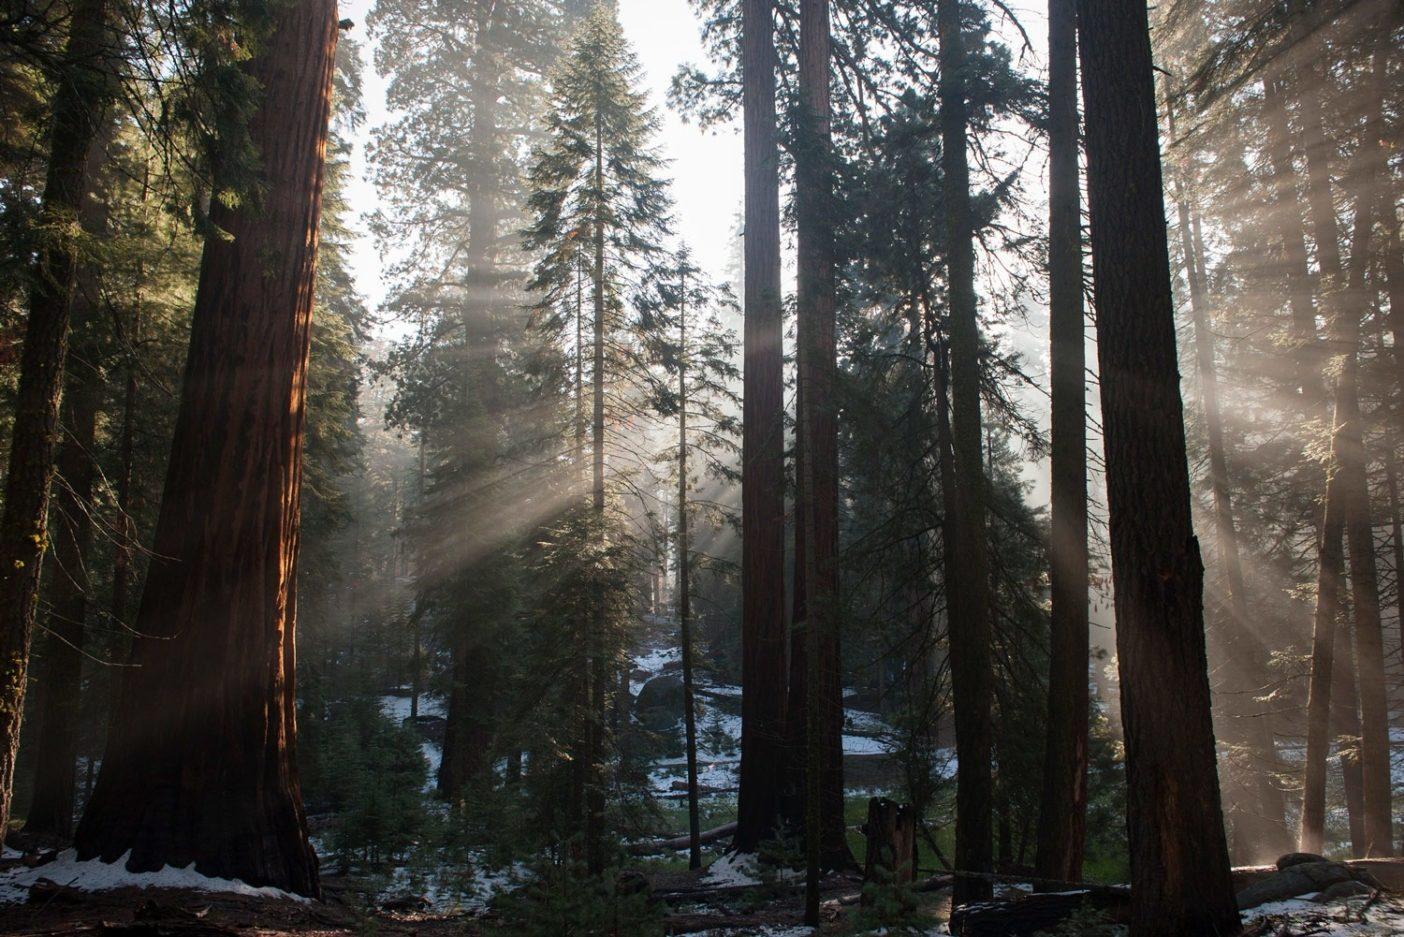 ジャイアント・セコイア国定記念物は、世界最大の種でシェラネバダの西側の山麓わずか60マイルにわたって自然に生息する34の古代の森を保護している。現在、これらの壮大な木々はわずか70ほどの森で生存し、カリフォルニアコンドルの巣を支えるのに十分の大きさを有する唯一の既知の木だ。野生の最後のつがいはこの国定記念物付近で発見されている。これらの木の年輪は過去数千年の環境の変化を記録している。Photo: Jerome Gorin